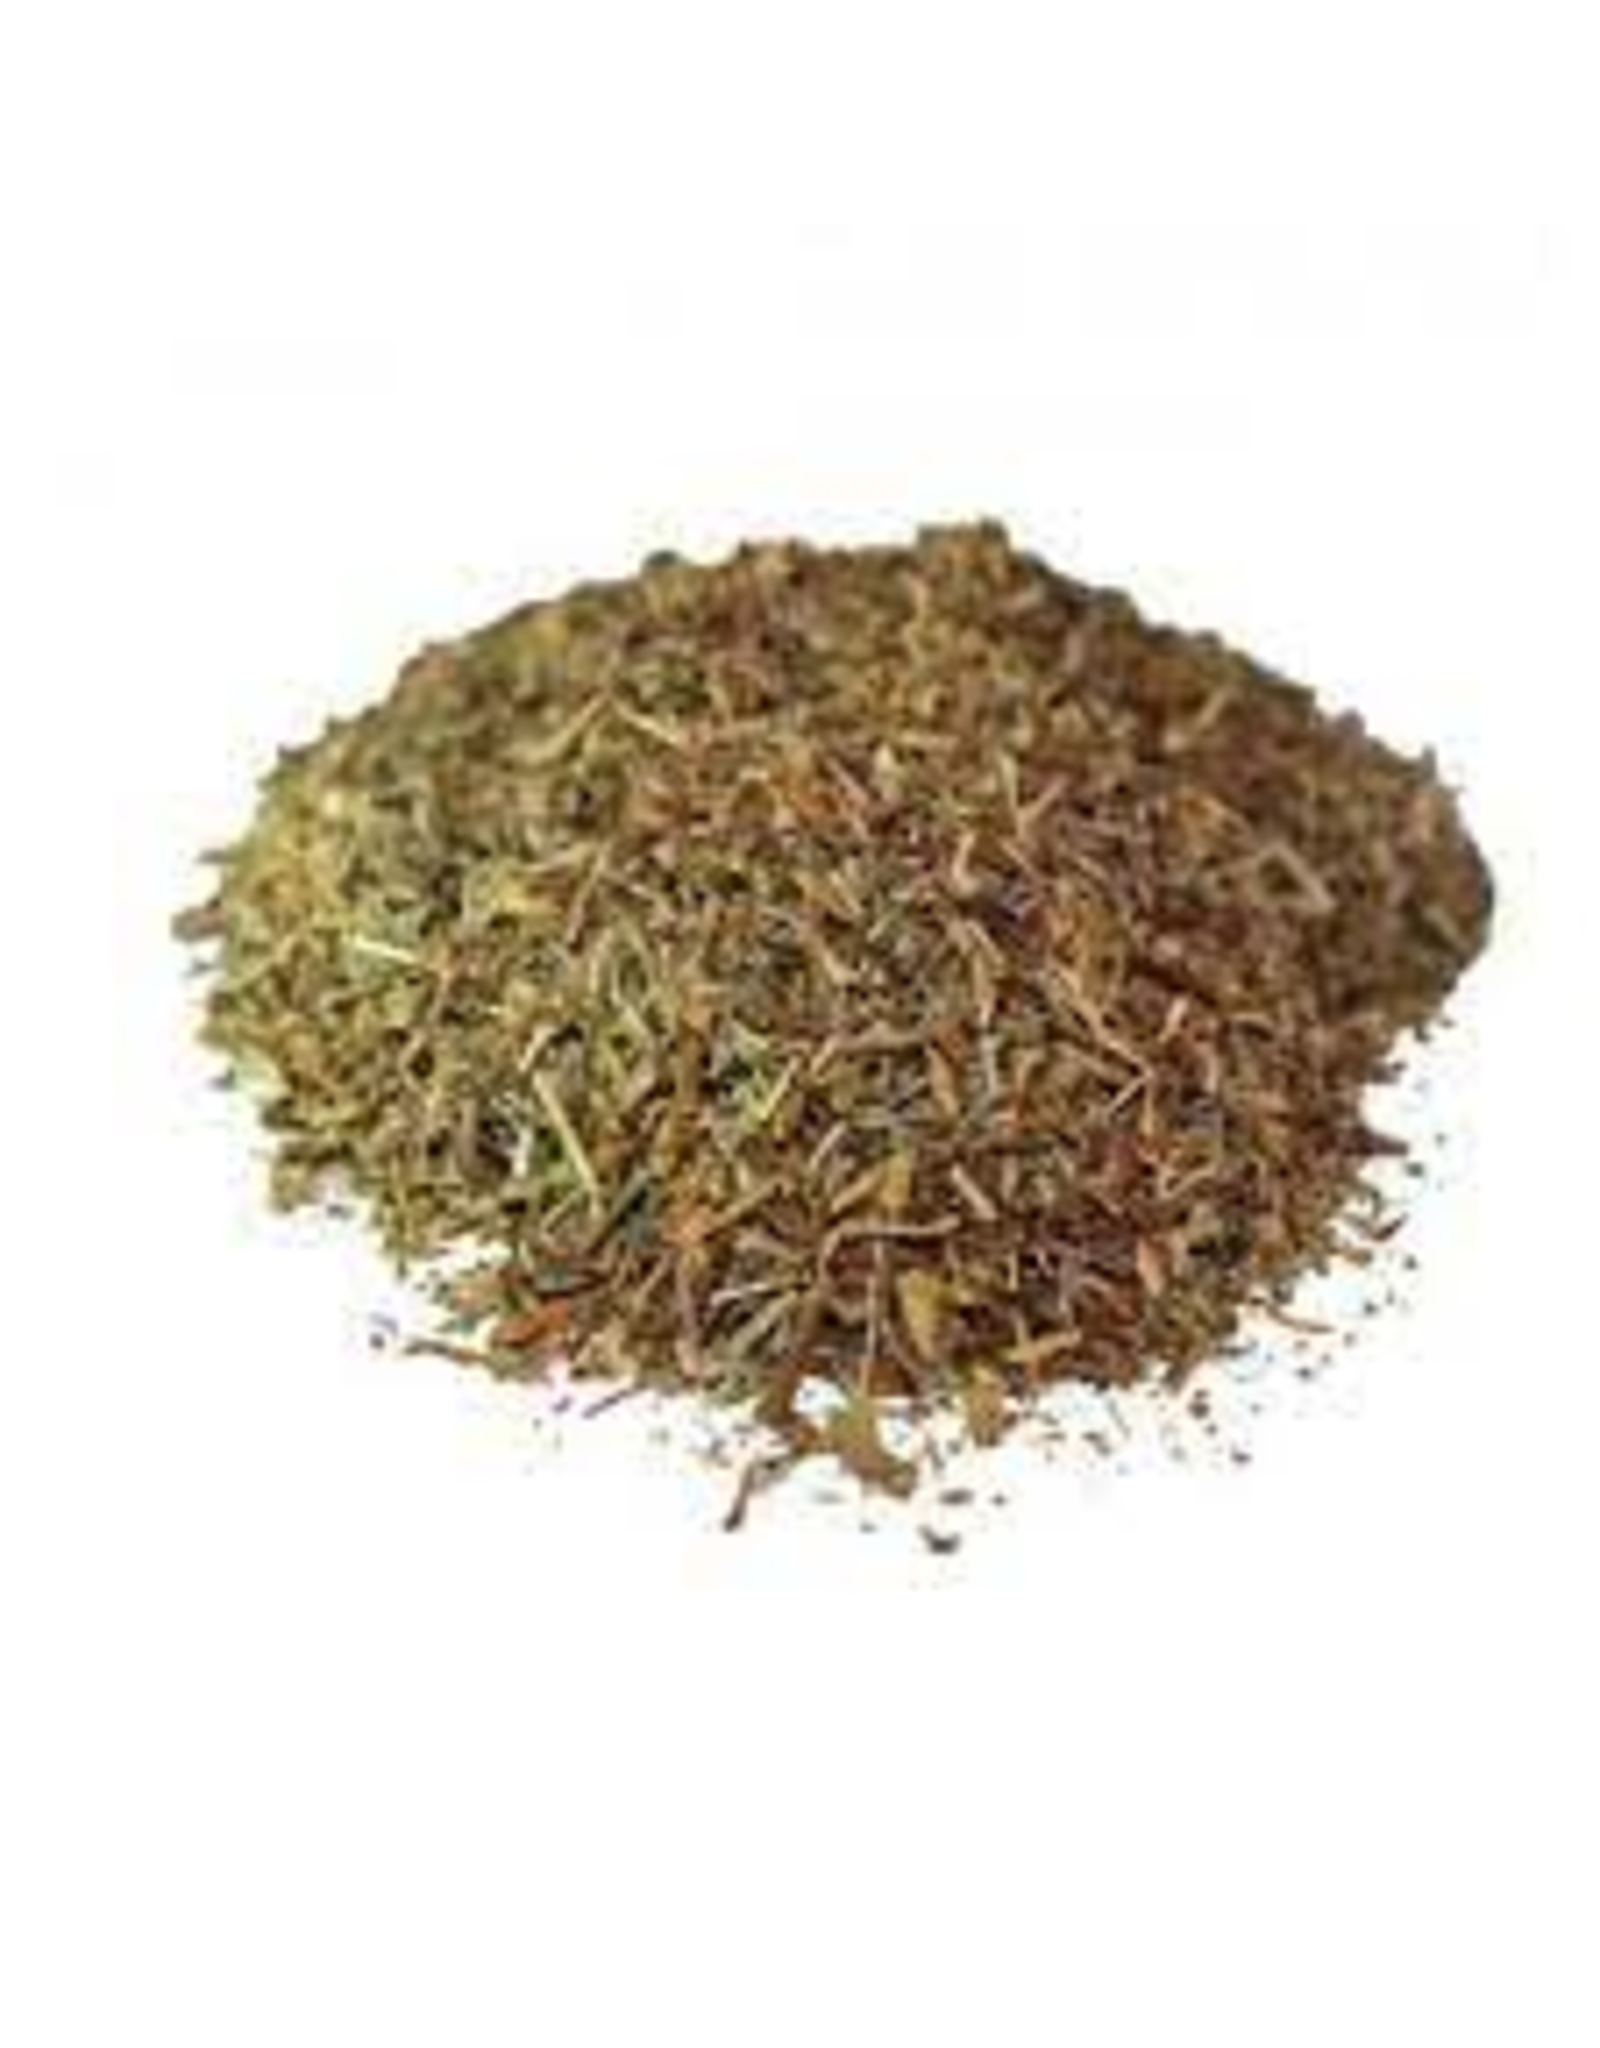 Eyebright herb 1 oz